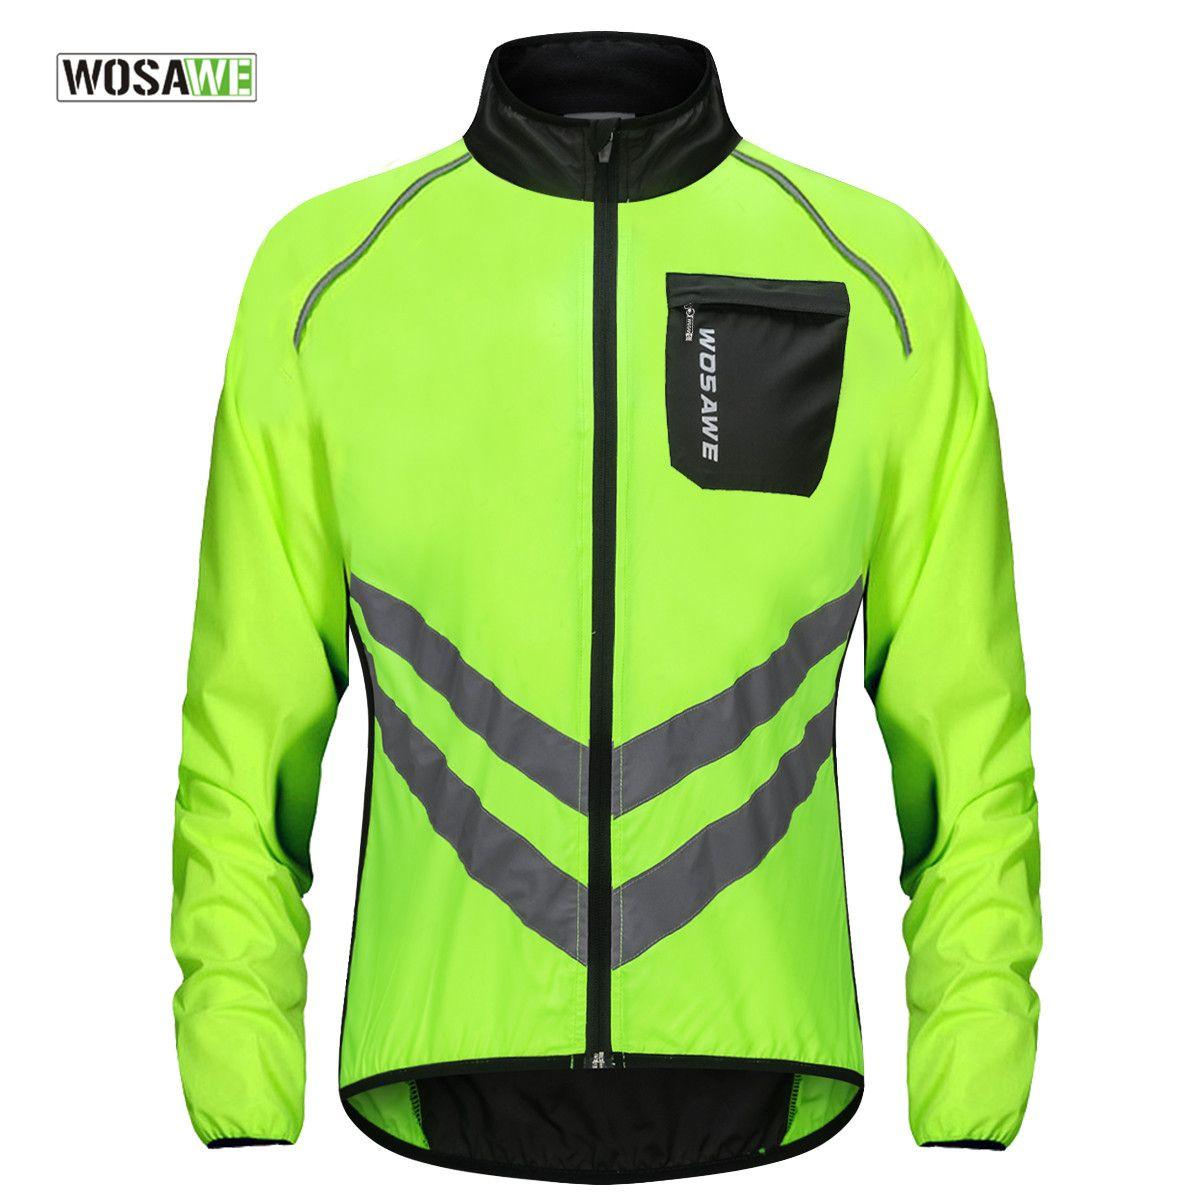 WOSAWE cyclisme vent veste haute visibilité multifonction Jersey route vtt vélo vélo coupe-vent séchage rapide pluie manteau coupe-vent